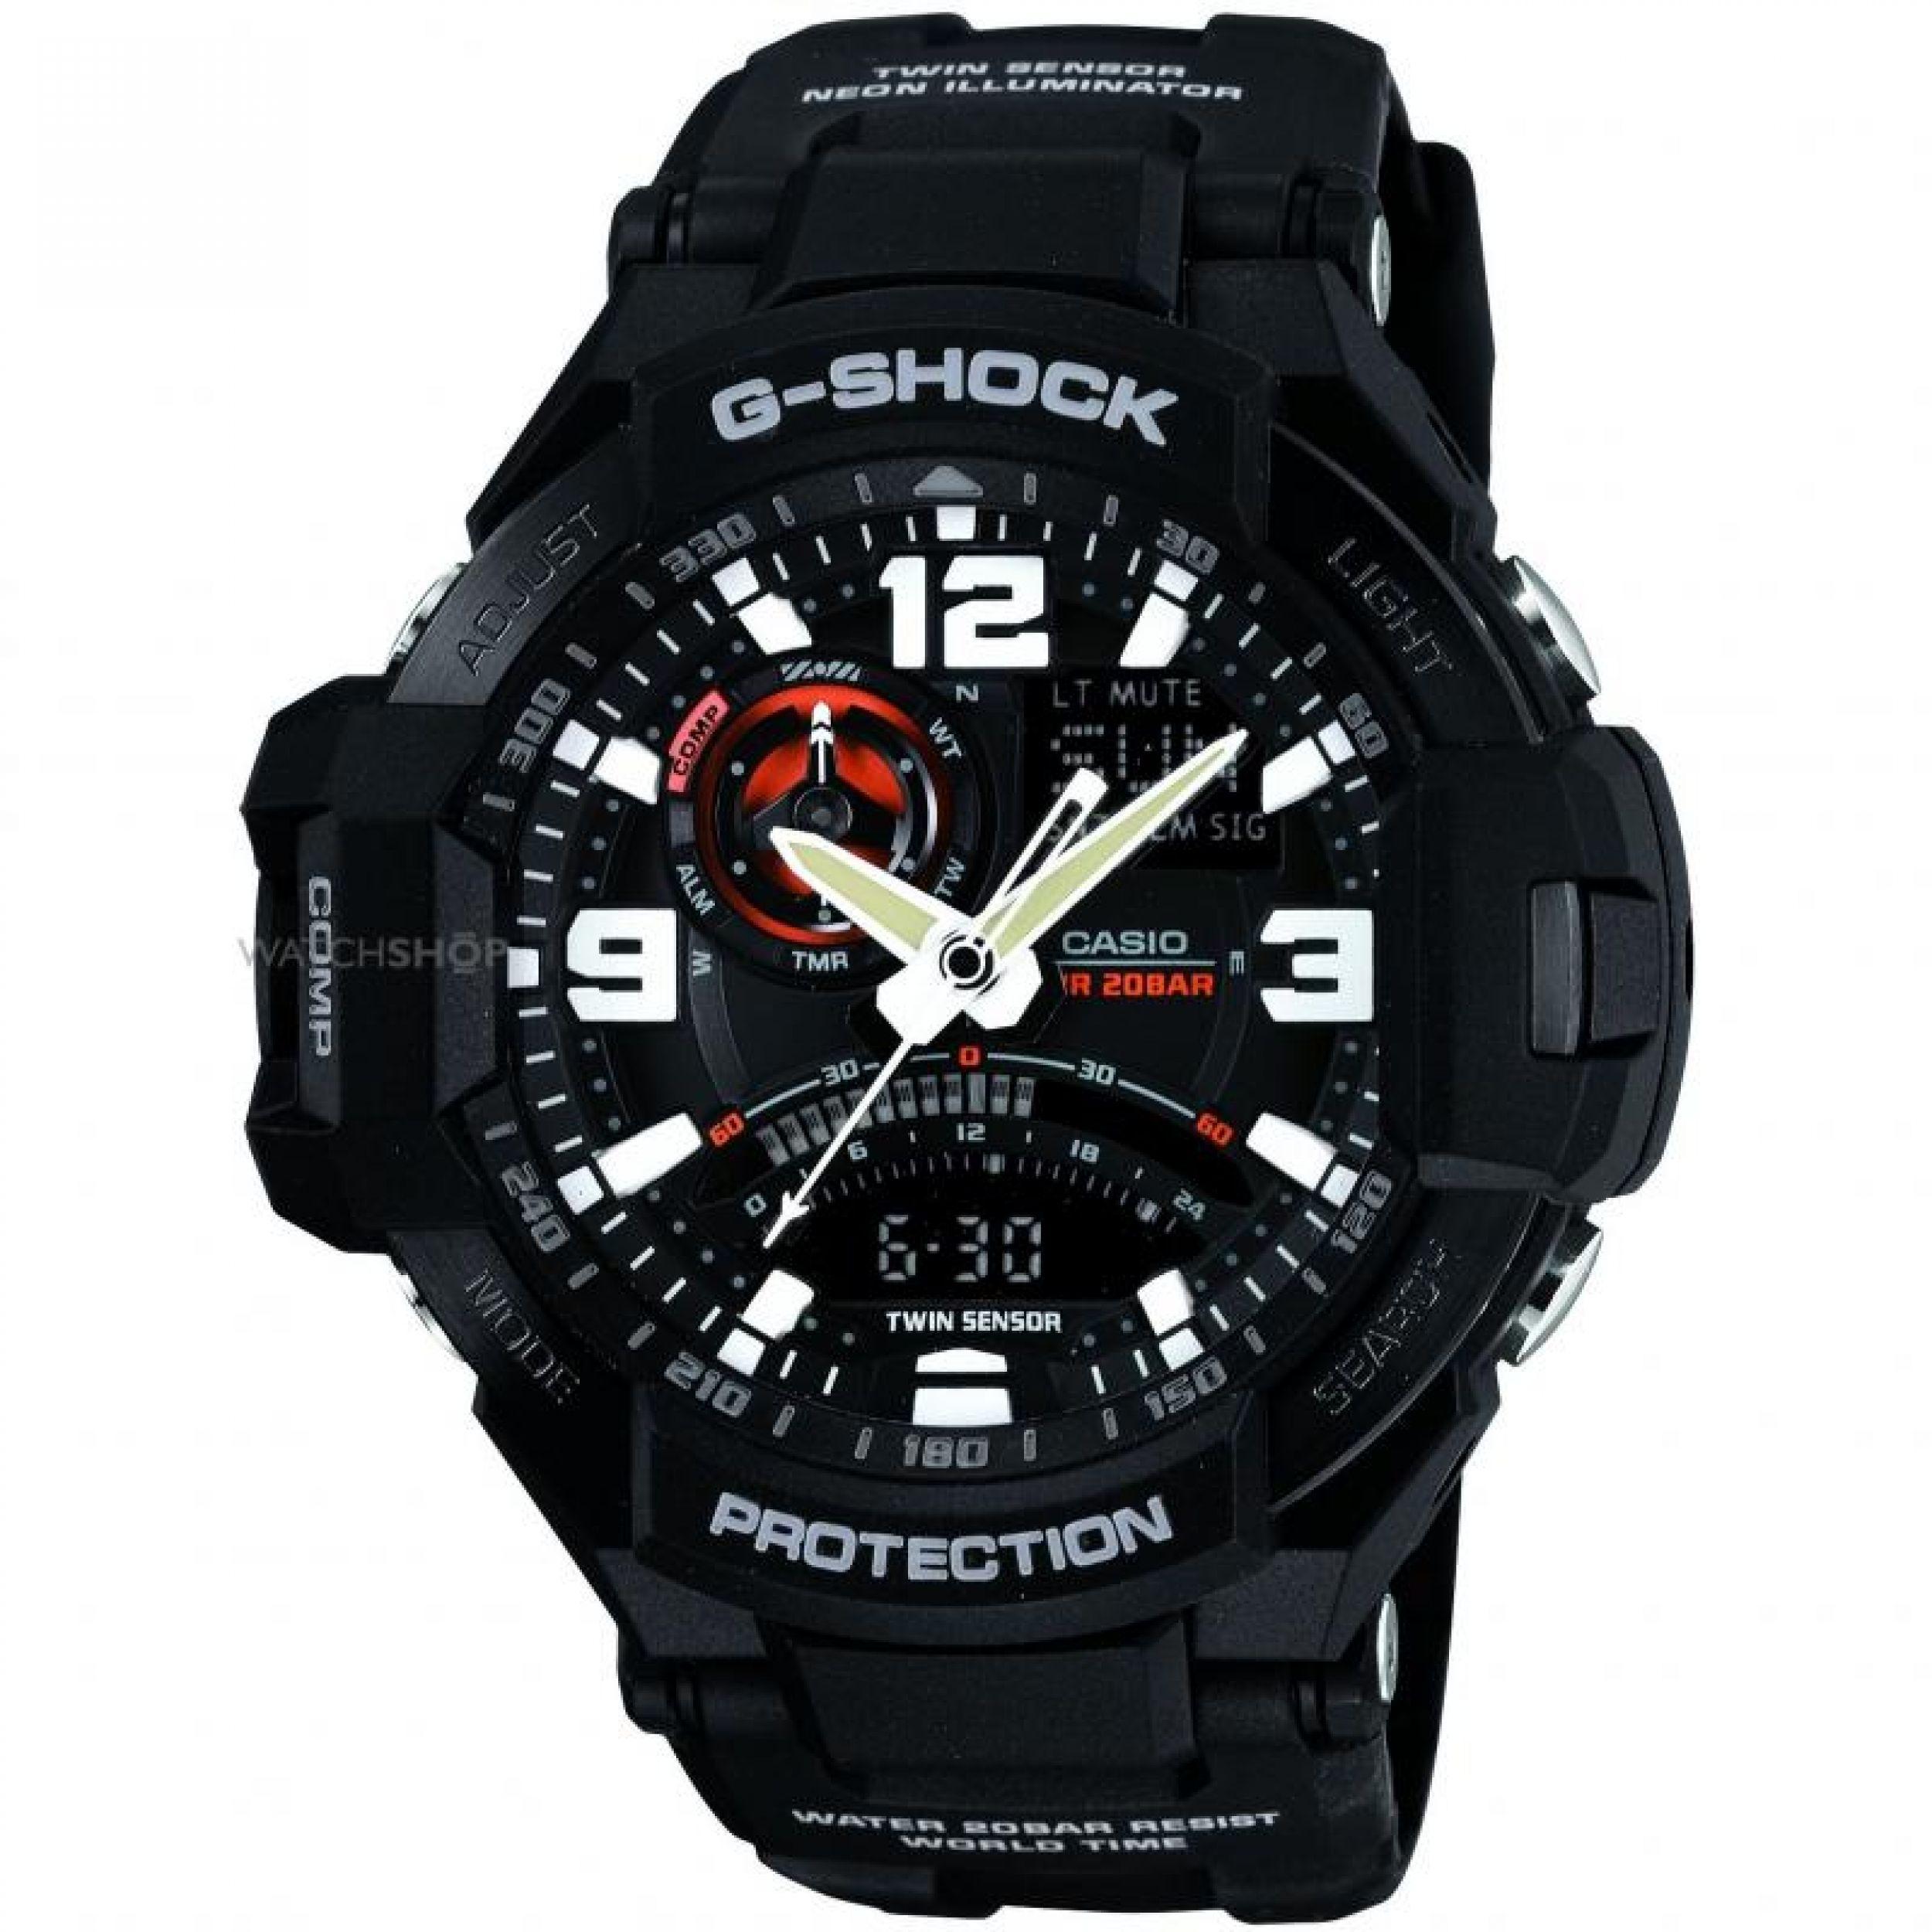 Casio-G-Shock-GA-1000-1a_enl.jpg